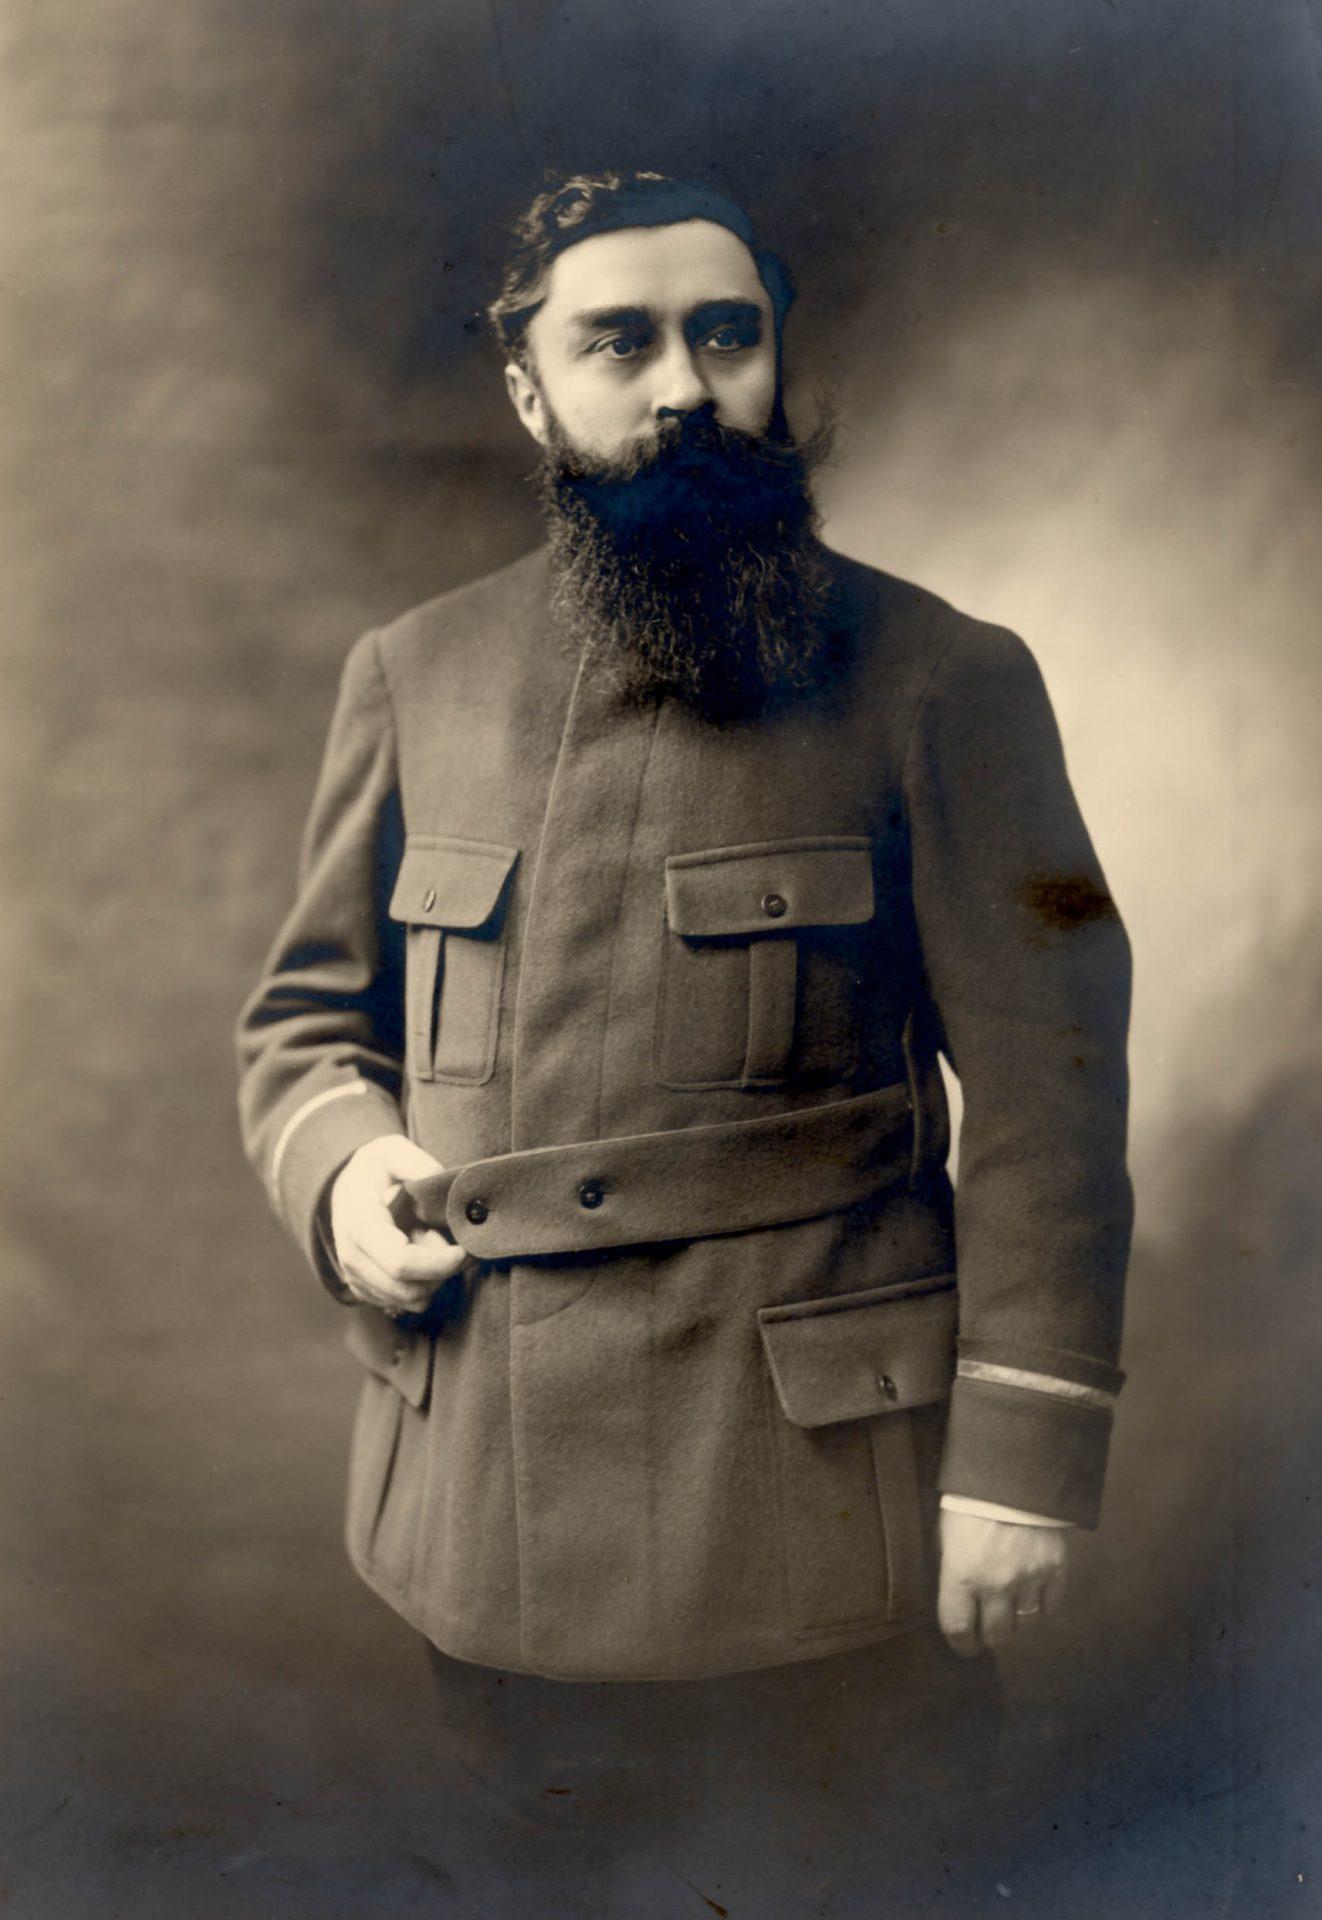 Varenne en costume militaire, sans référence à un régiment. Crédit: Henri Manuel